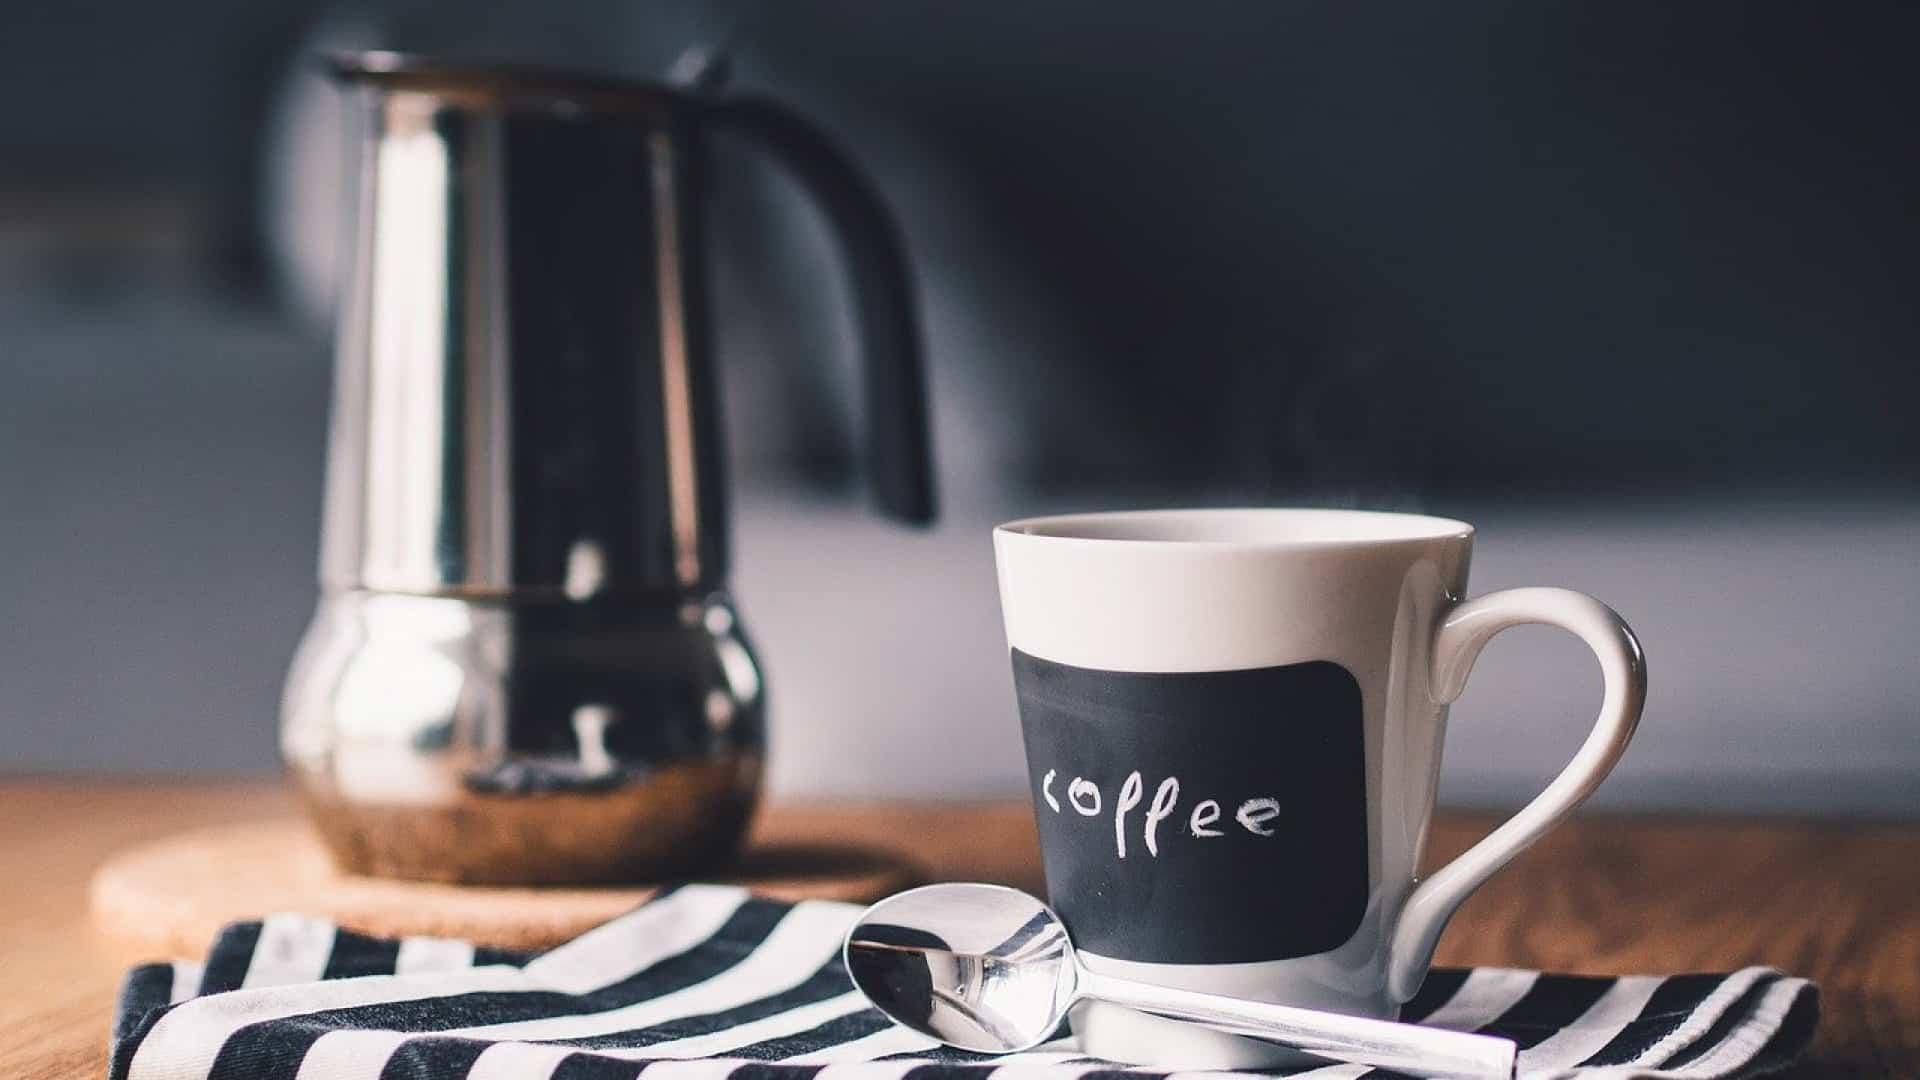 Comment obtenir votre mug personnalisé au meilleur prix ?